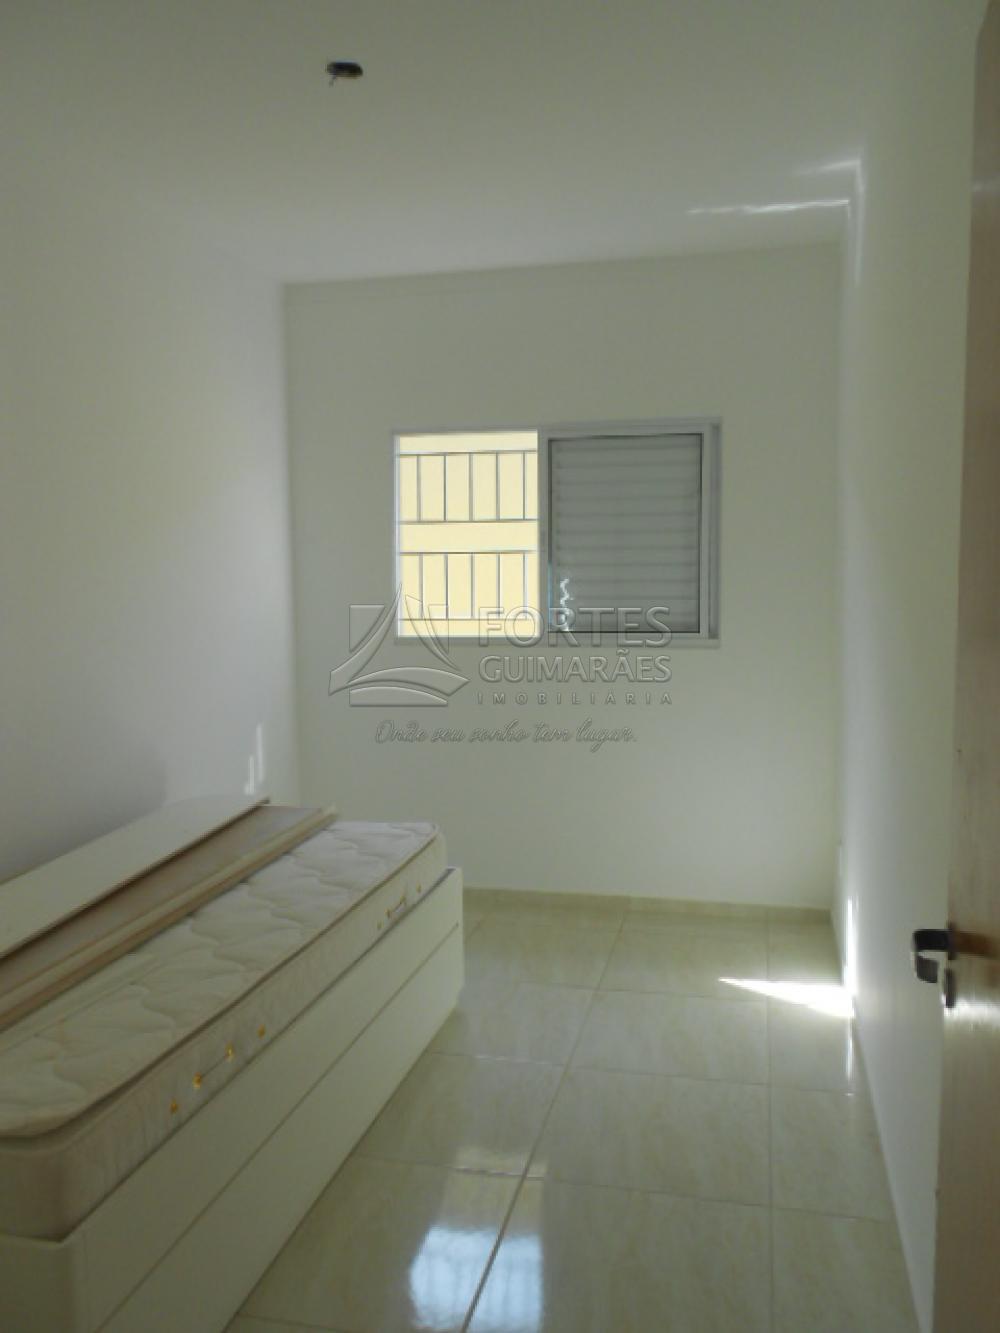 Alugar Casas / Padrão em Bonfim Paulista apenas R$ 1.300,00 - Foto 9